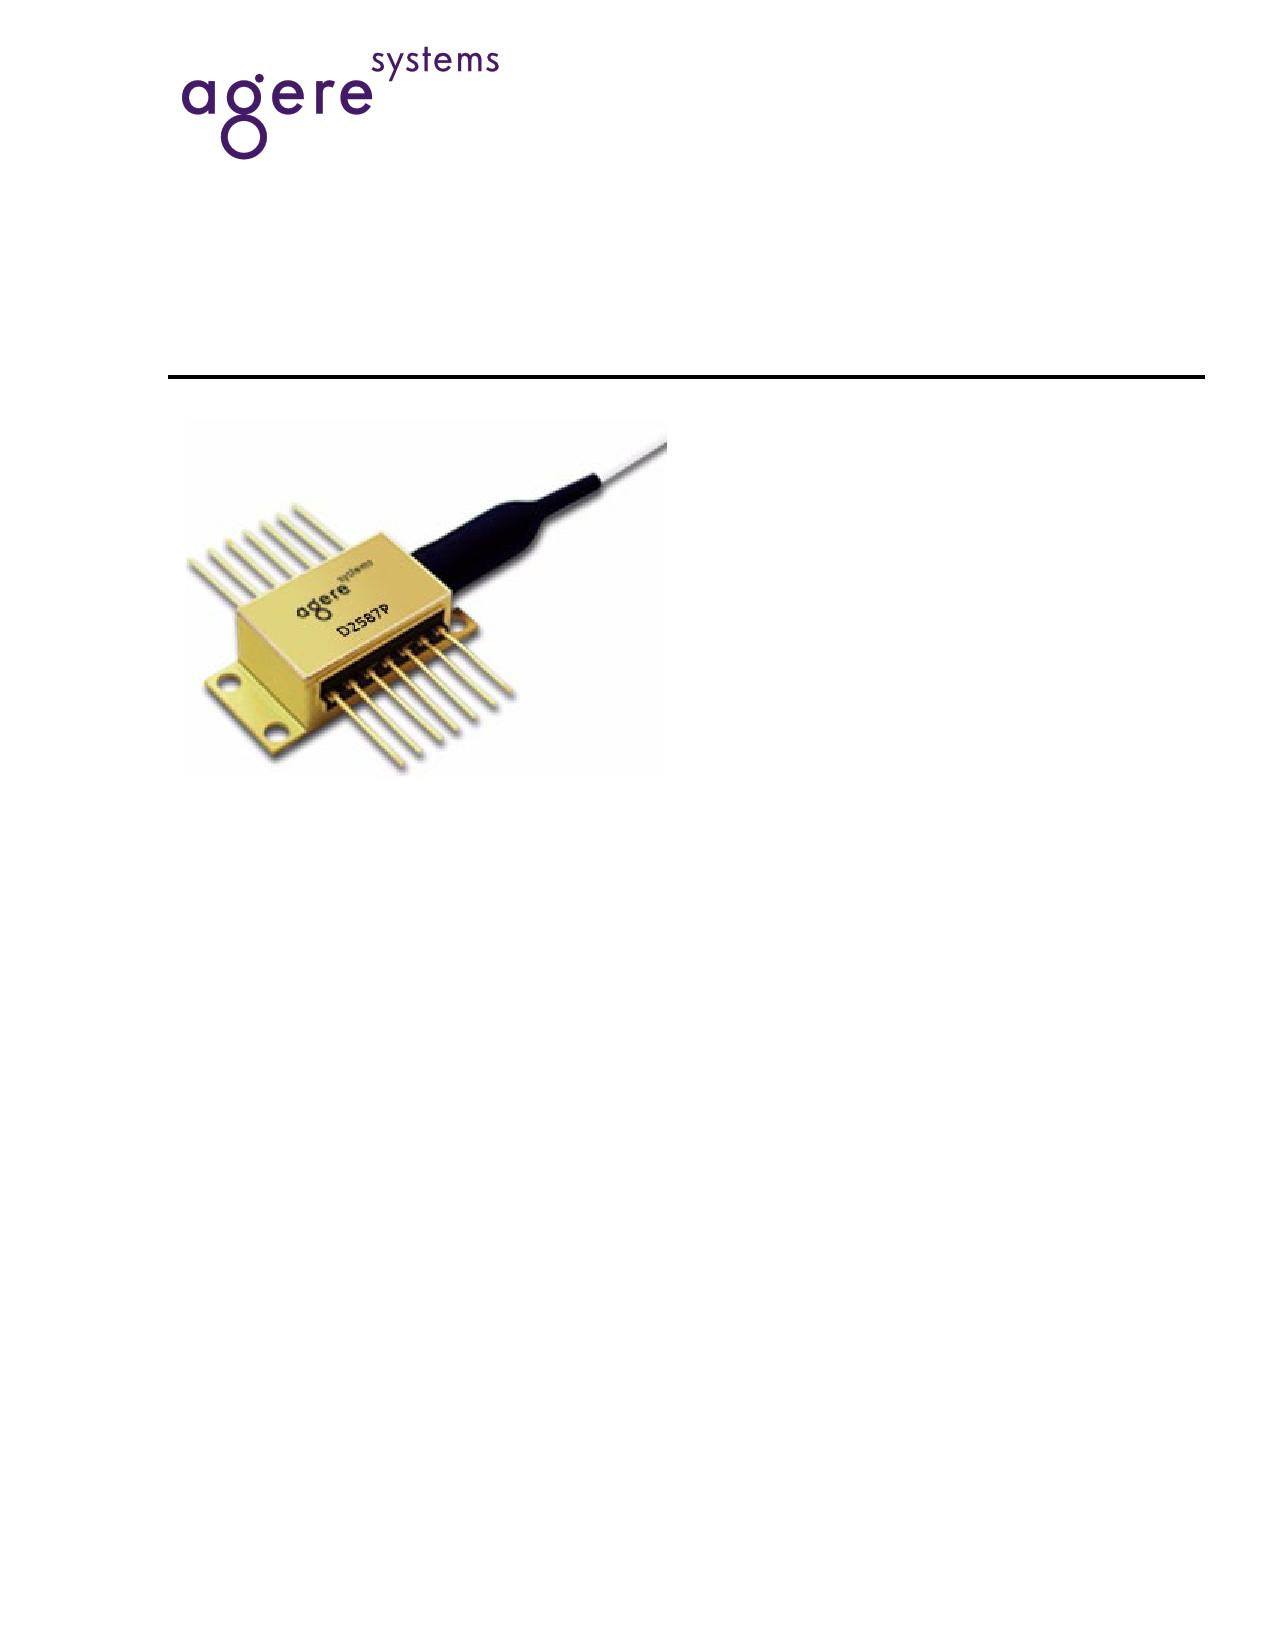 D2587P8755 datasheet, circuit